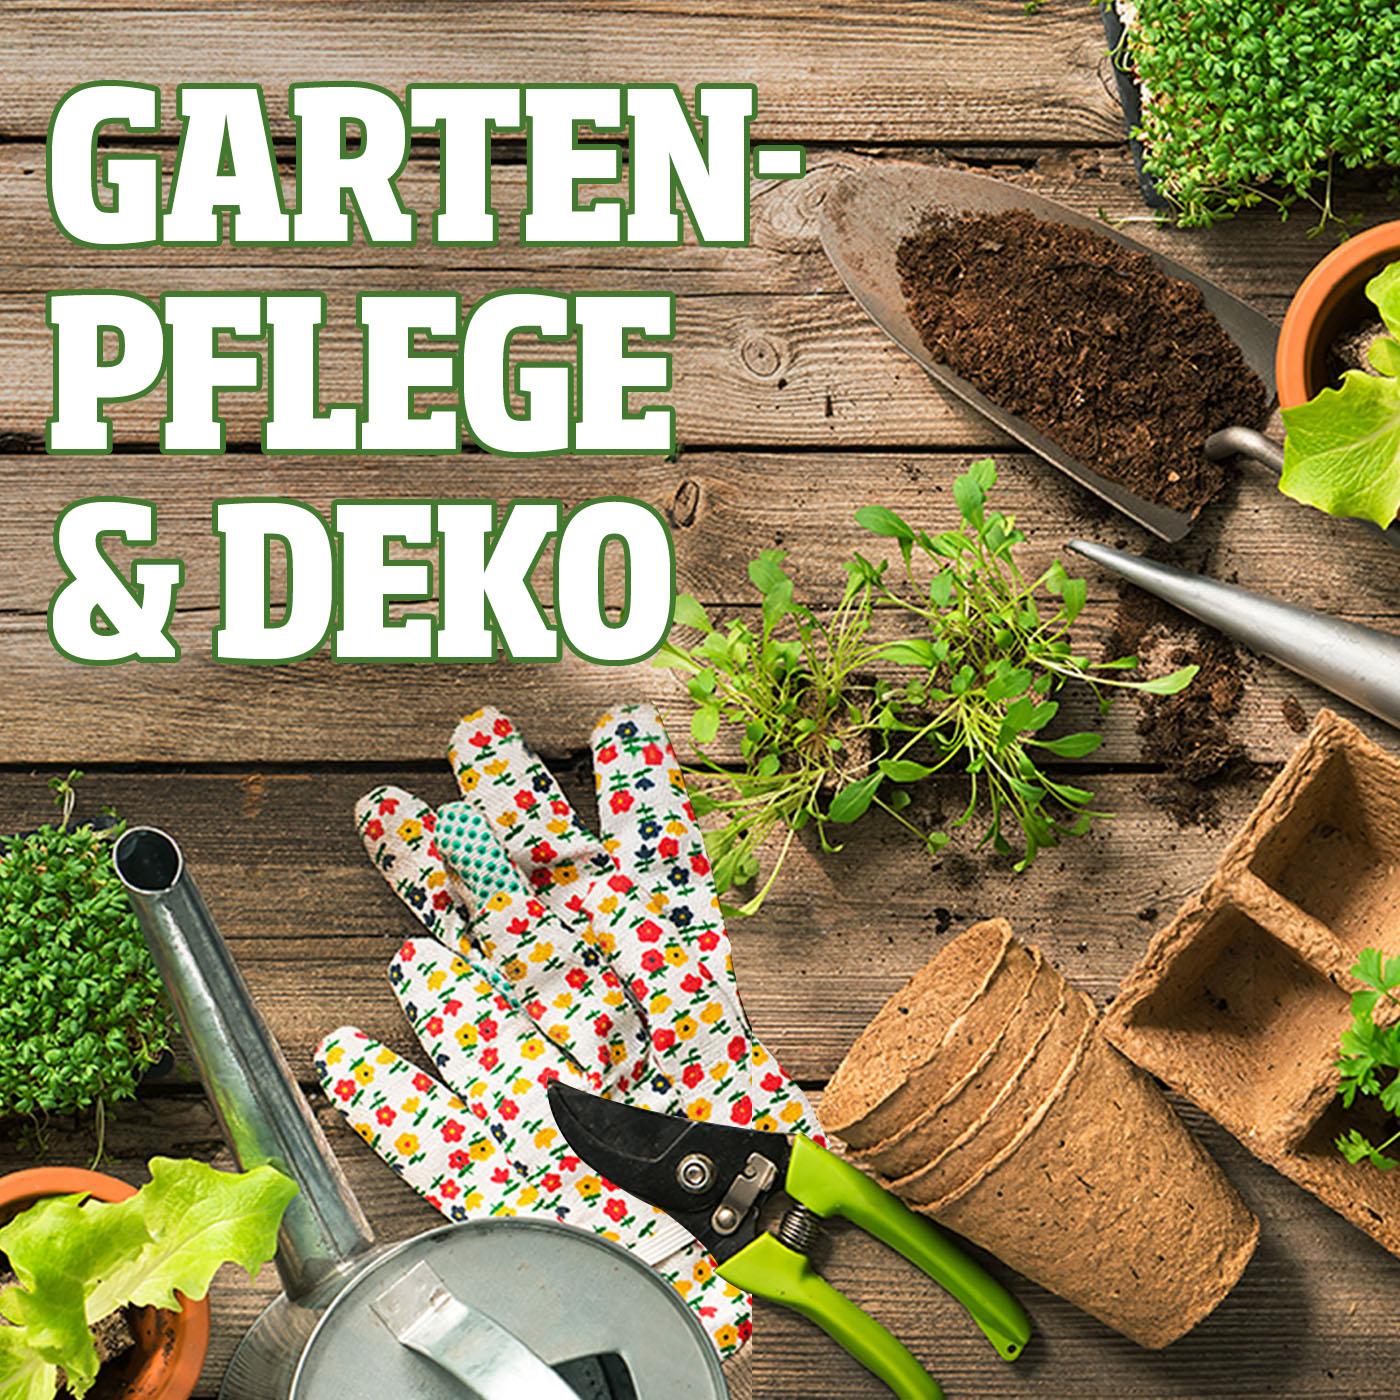 Gartenpflege & Deko